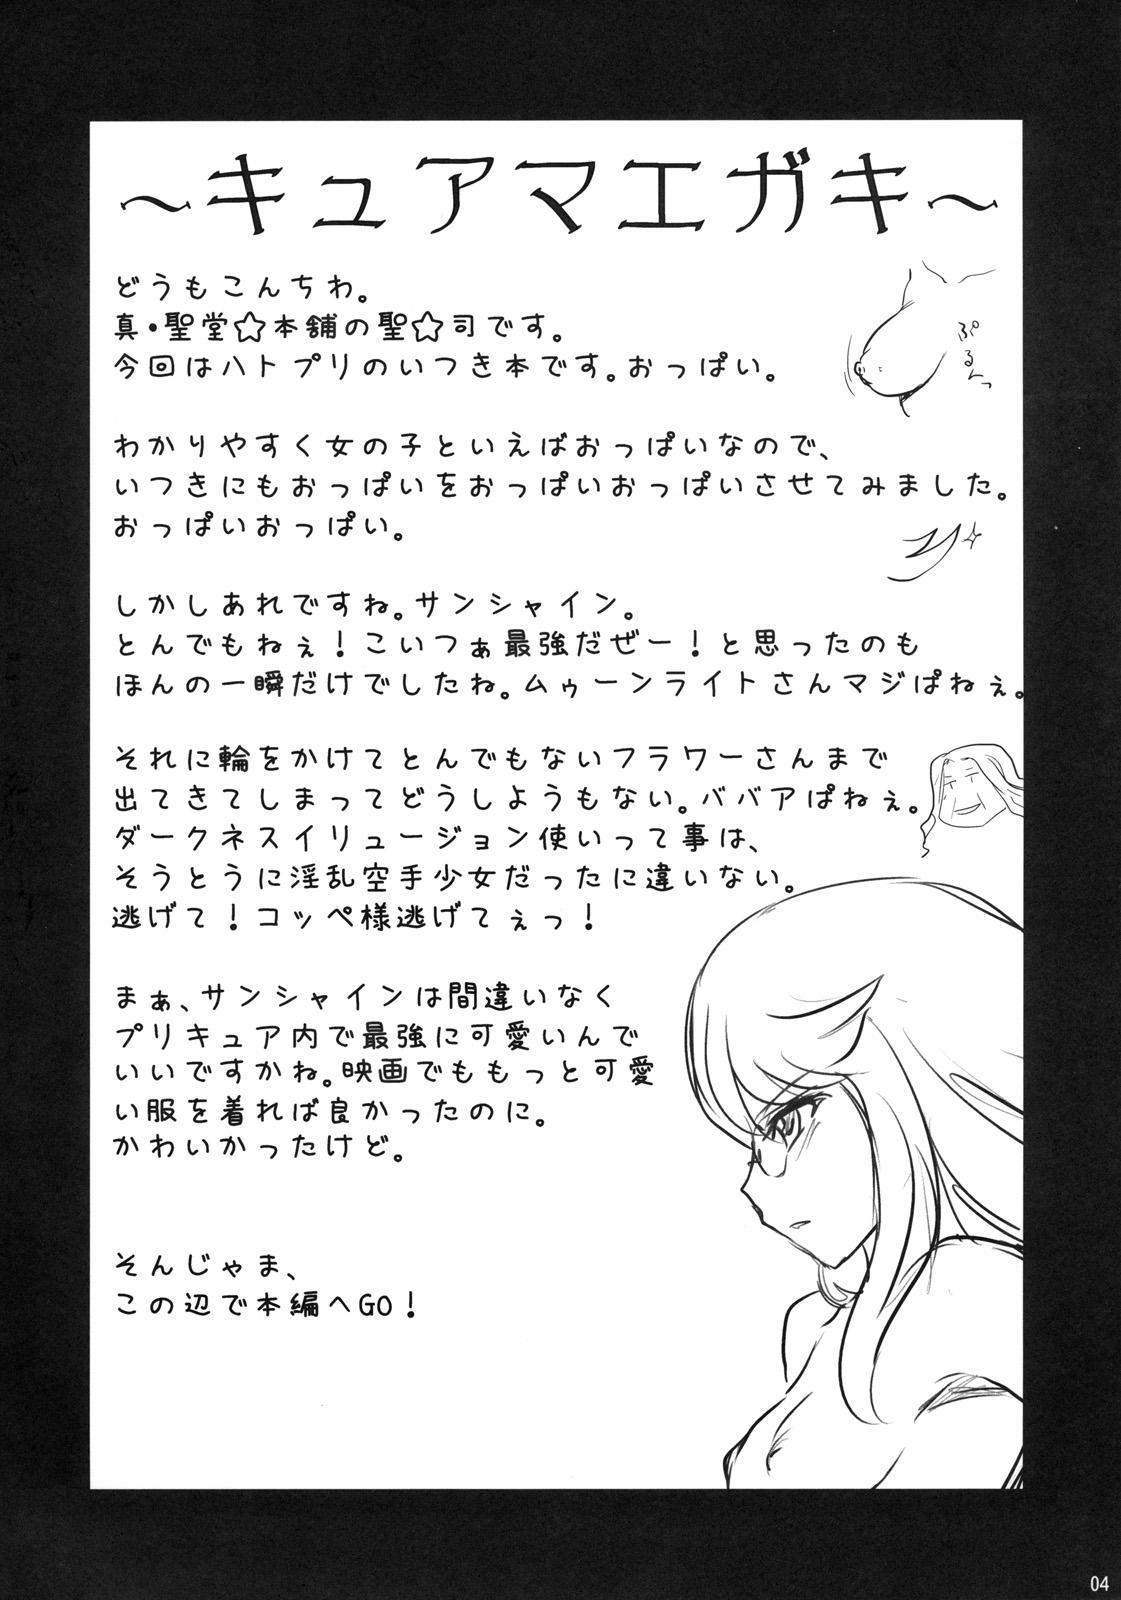 Precure Henshin no Eikyou to, Oniichan ni Momareta sei de, Oppai ga Ookiku natta Itsuki no Ohanashi. 2